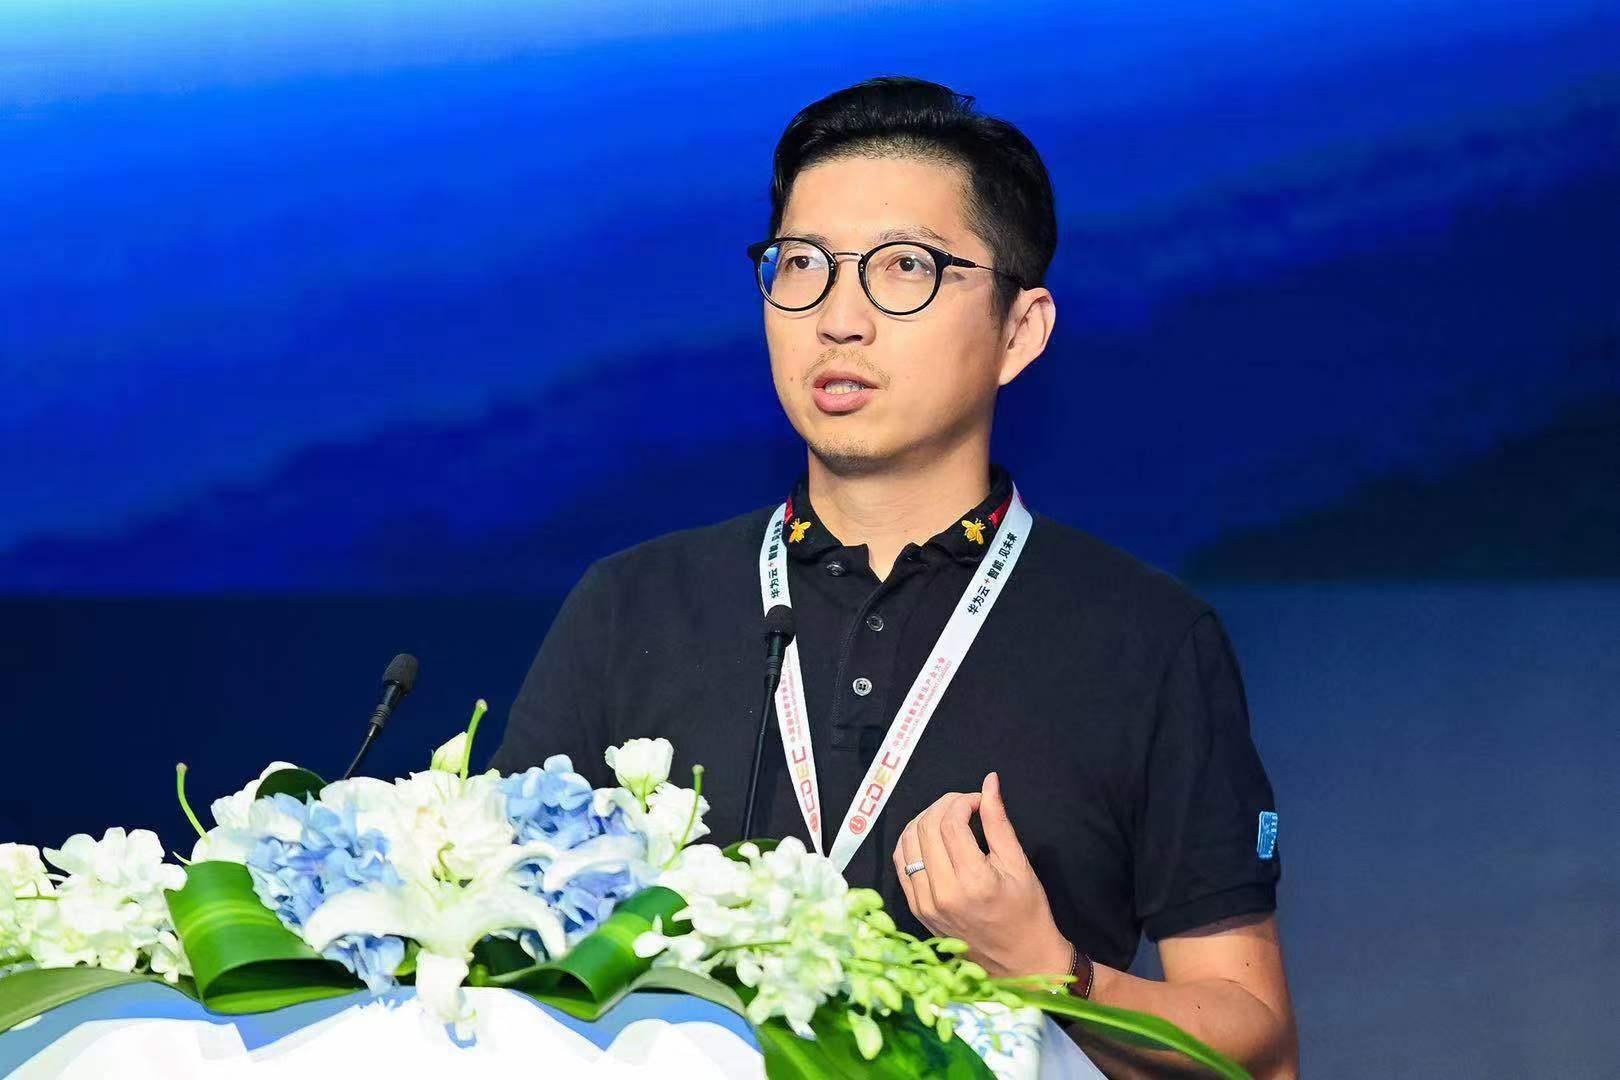 游族网络陈芳CDEC演讲:互鉴与融合,拓展游戏价值的全球边界